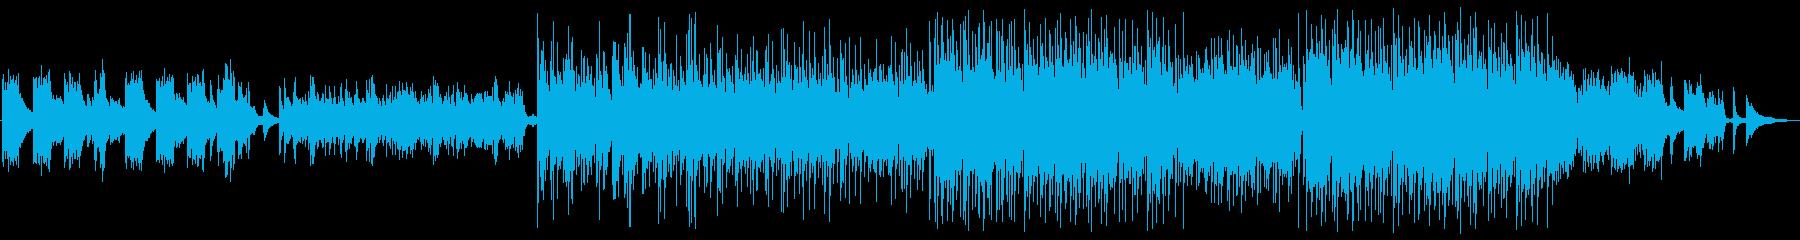 美しく優しいメロディのヒーリングサウンドの再生済みの波形